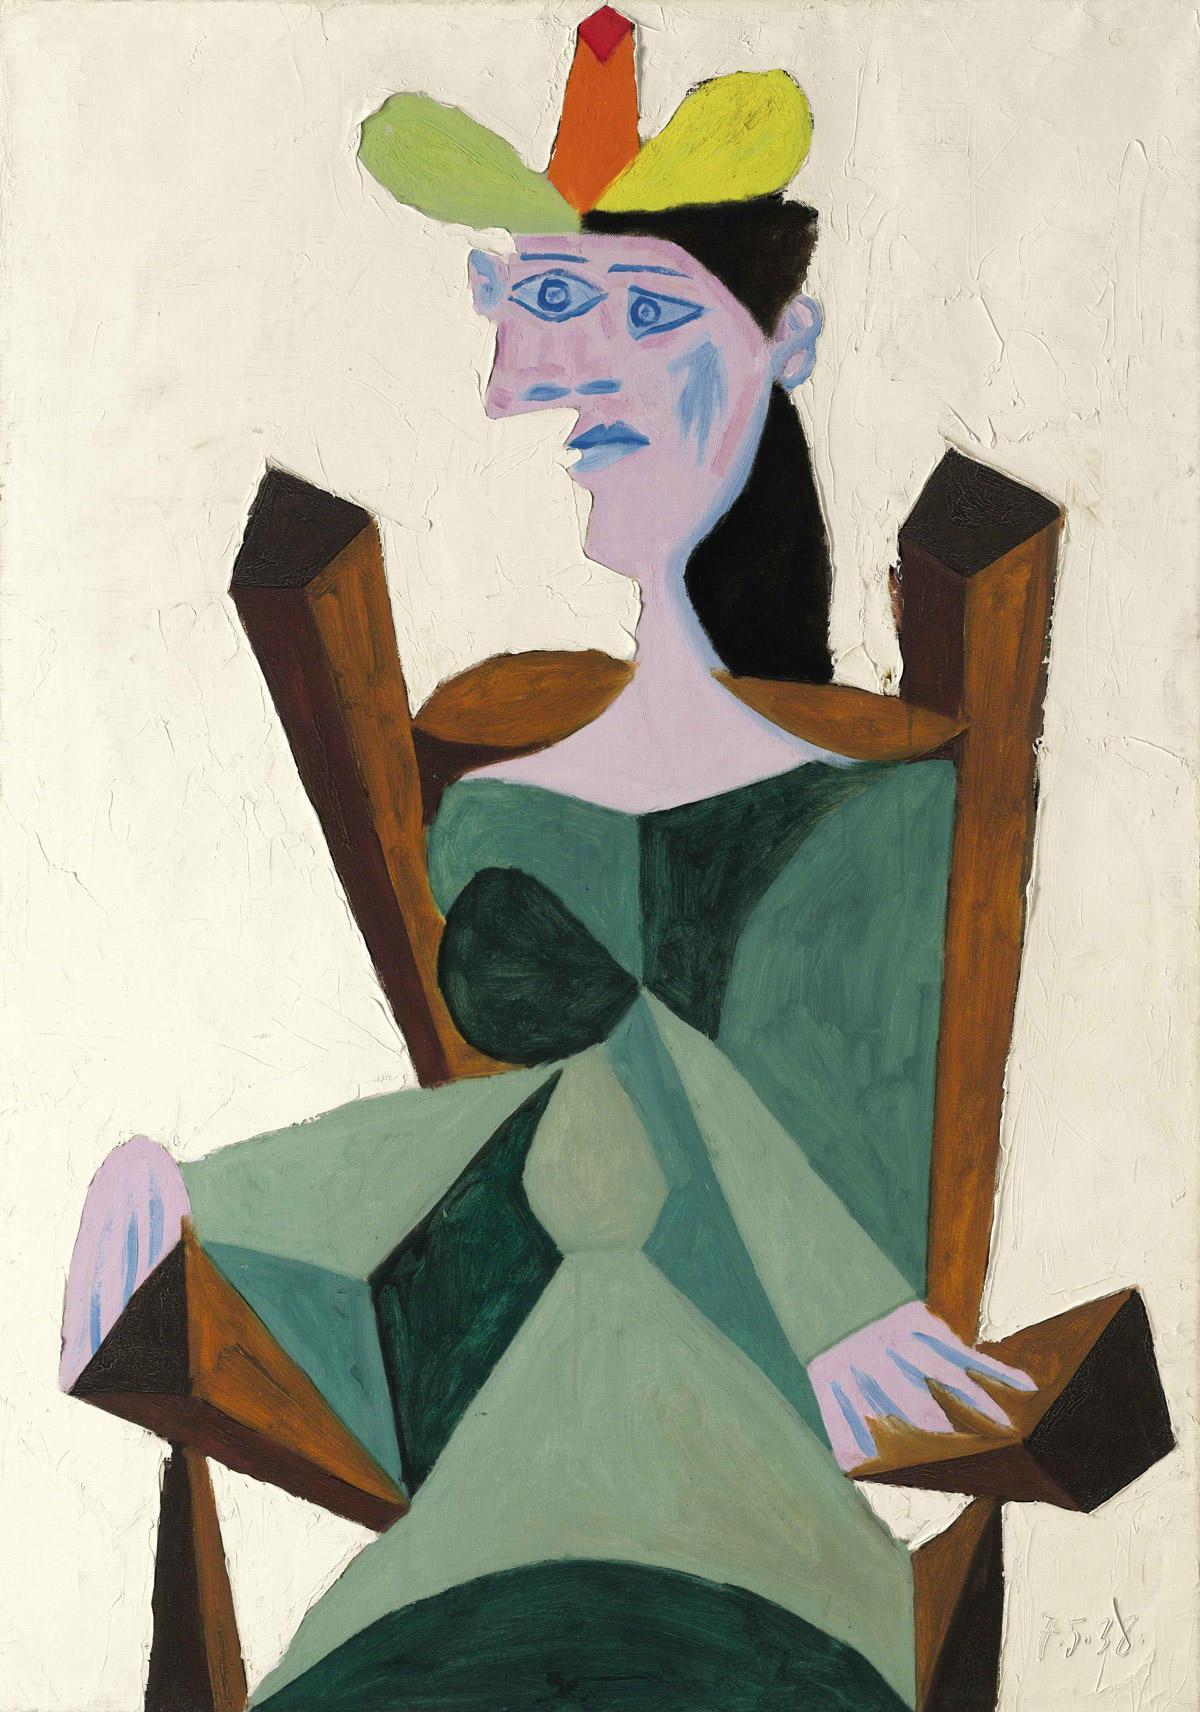 Pablo-Picasso_Femme-assise-sur-une-chaise